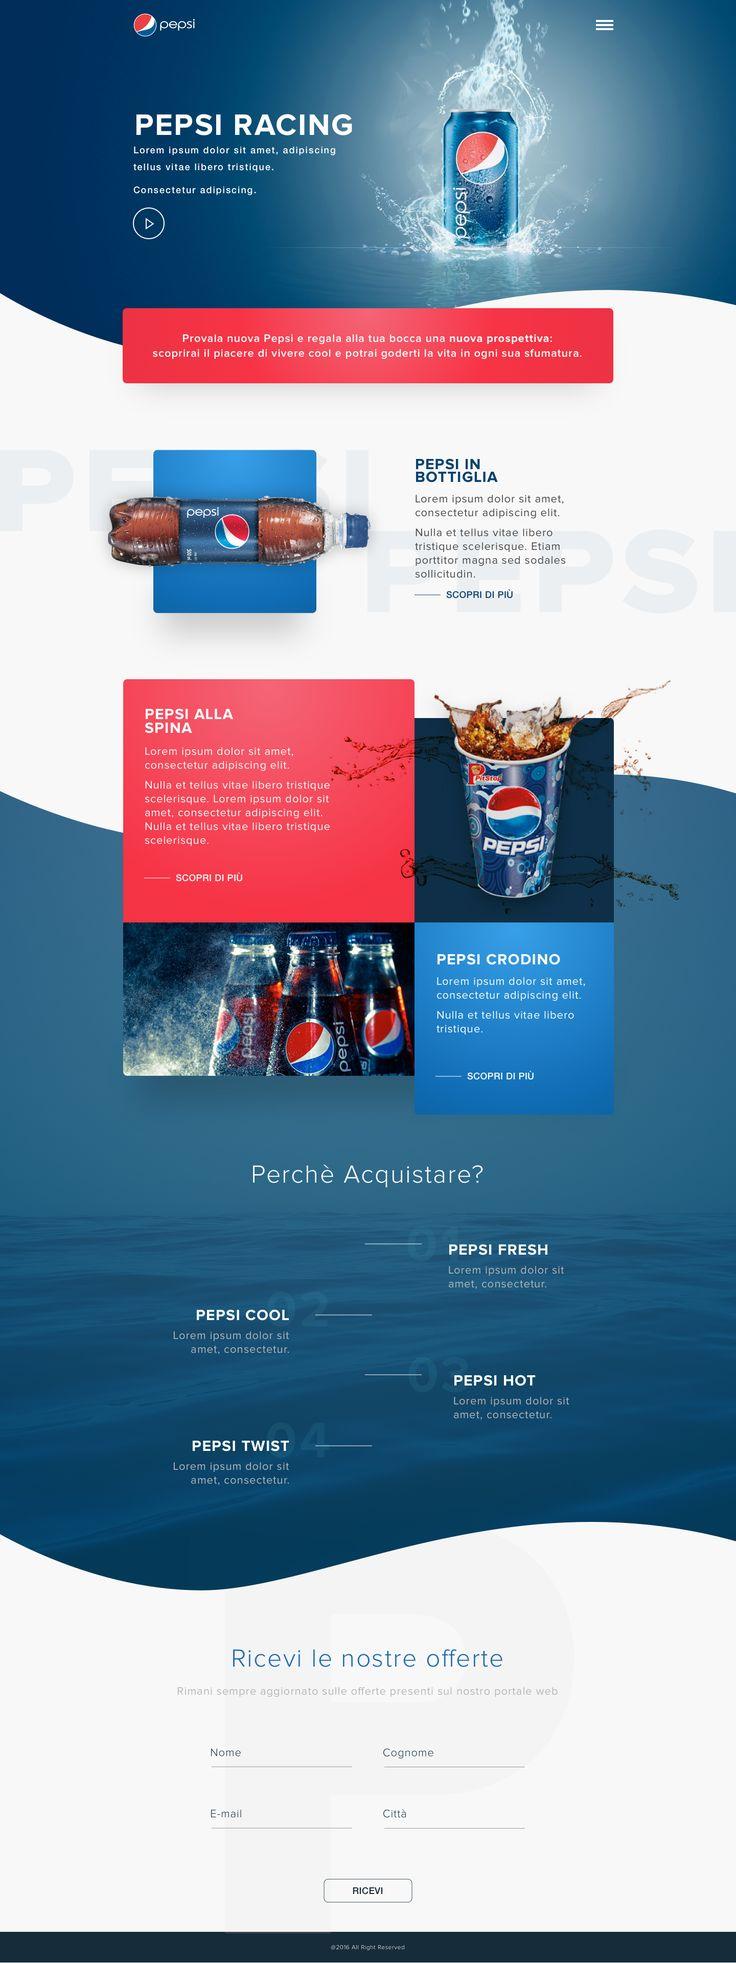 594 best Web Design images on Pinterest | Design websites, Website ...